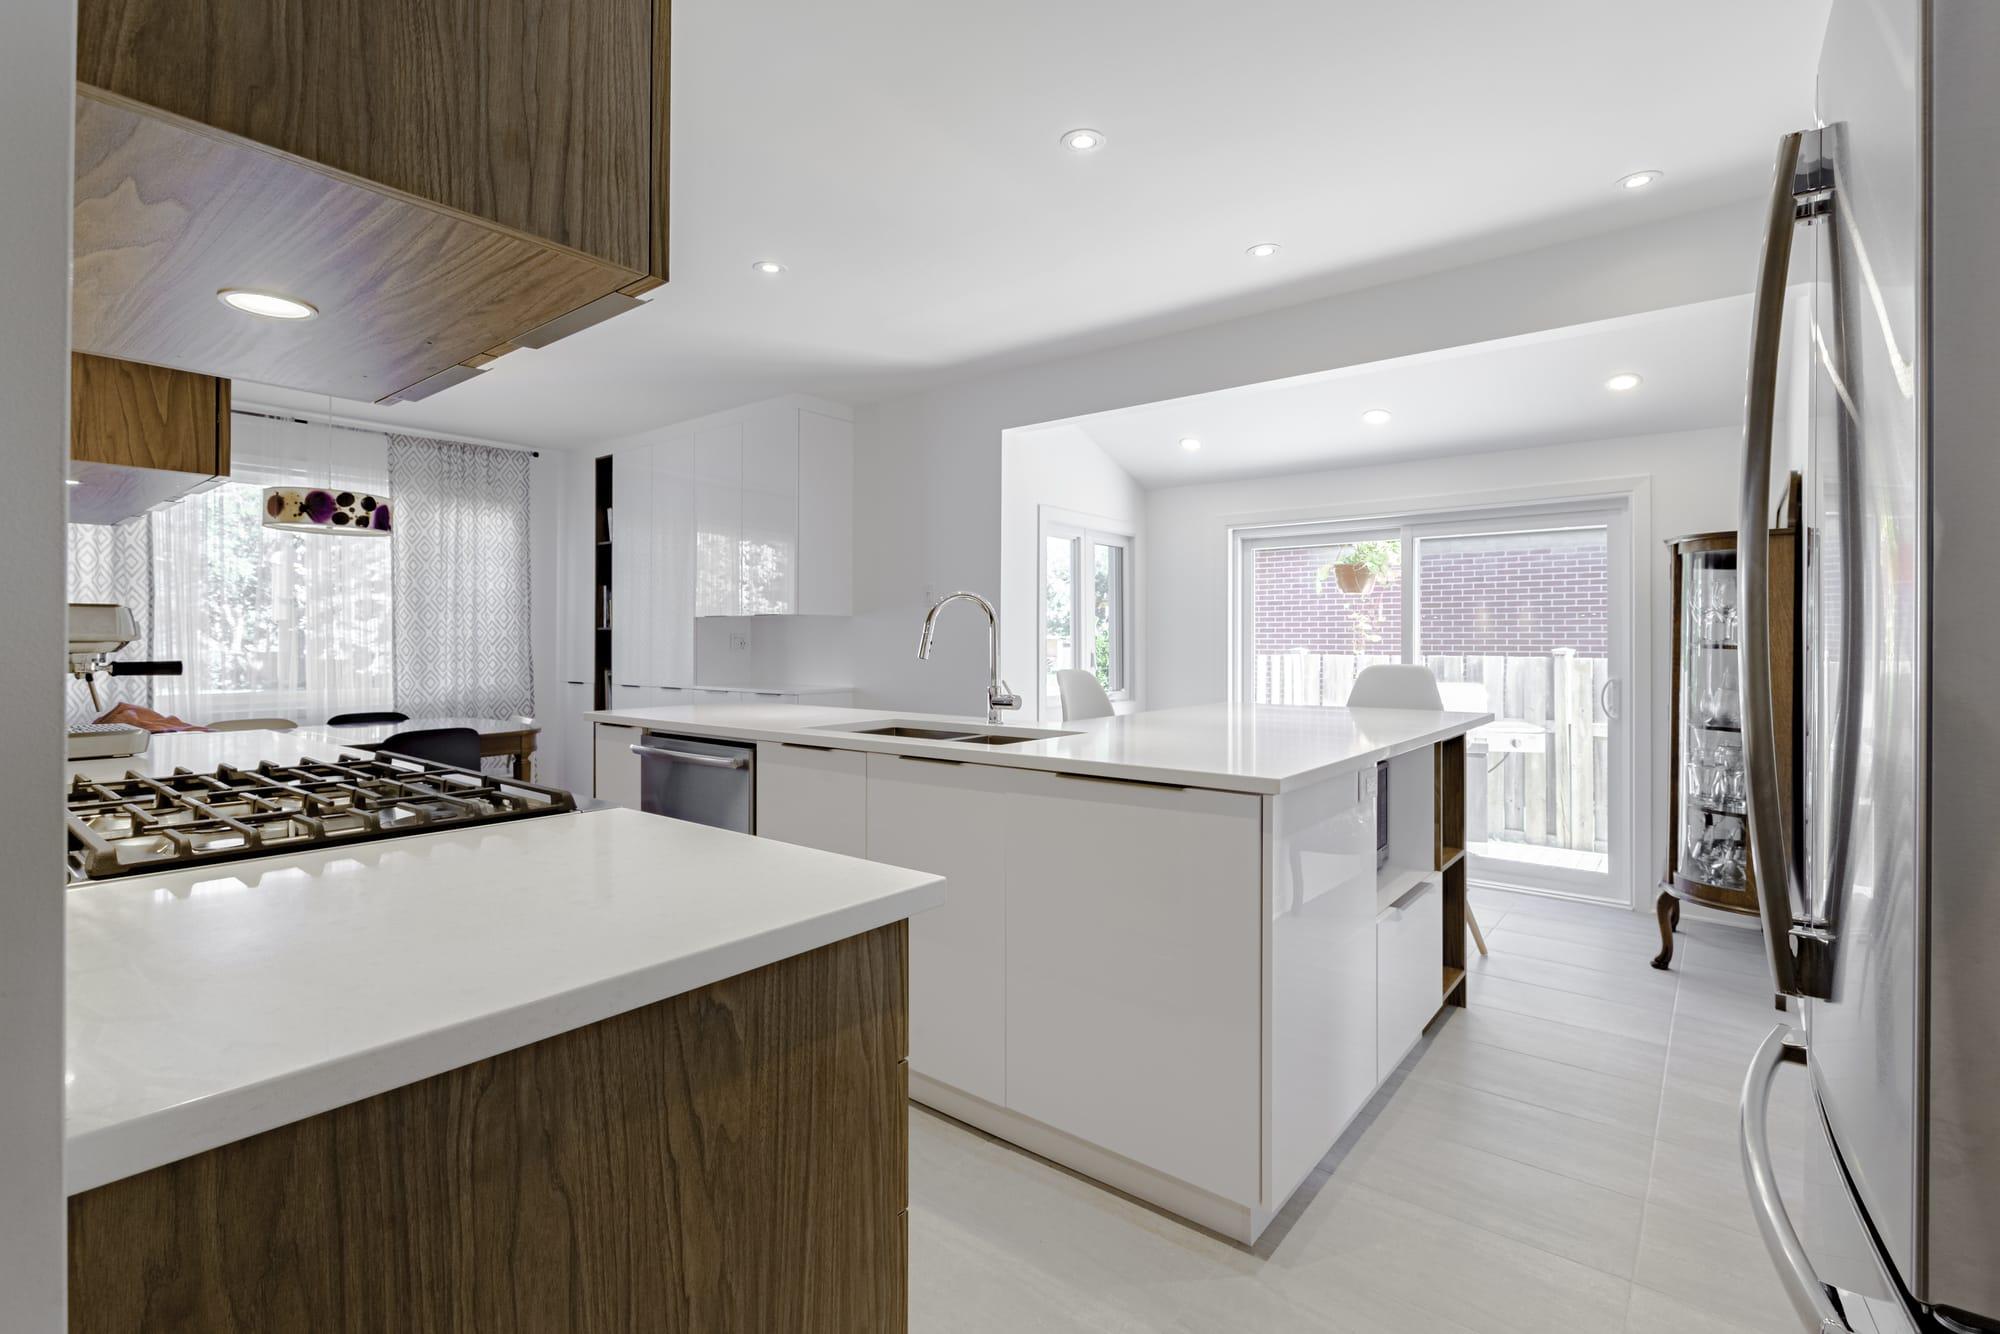 rénovation d'une cuisine au style moderne avec grand îlot